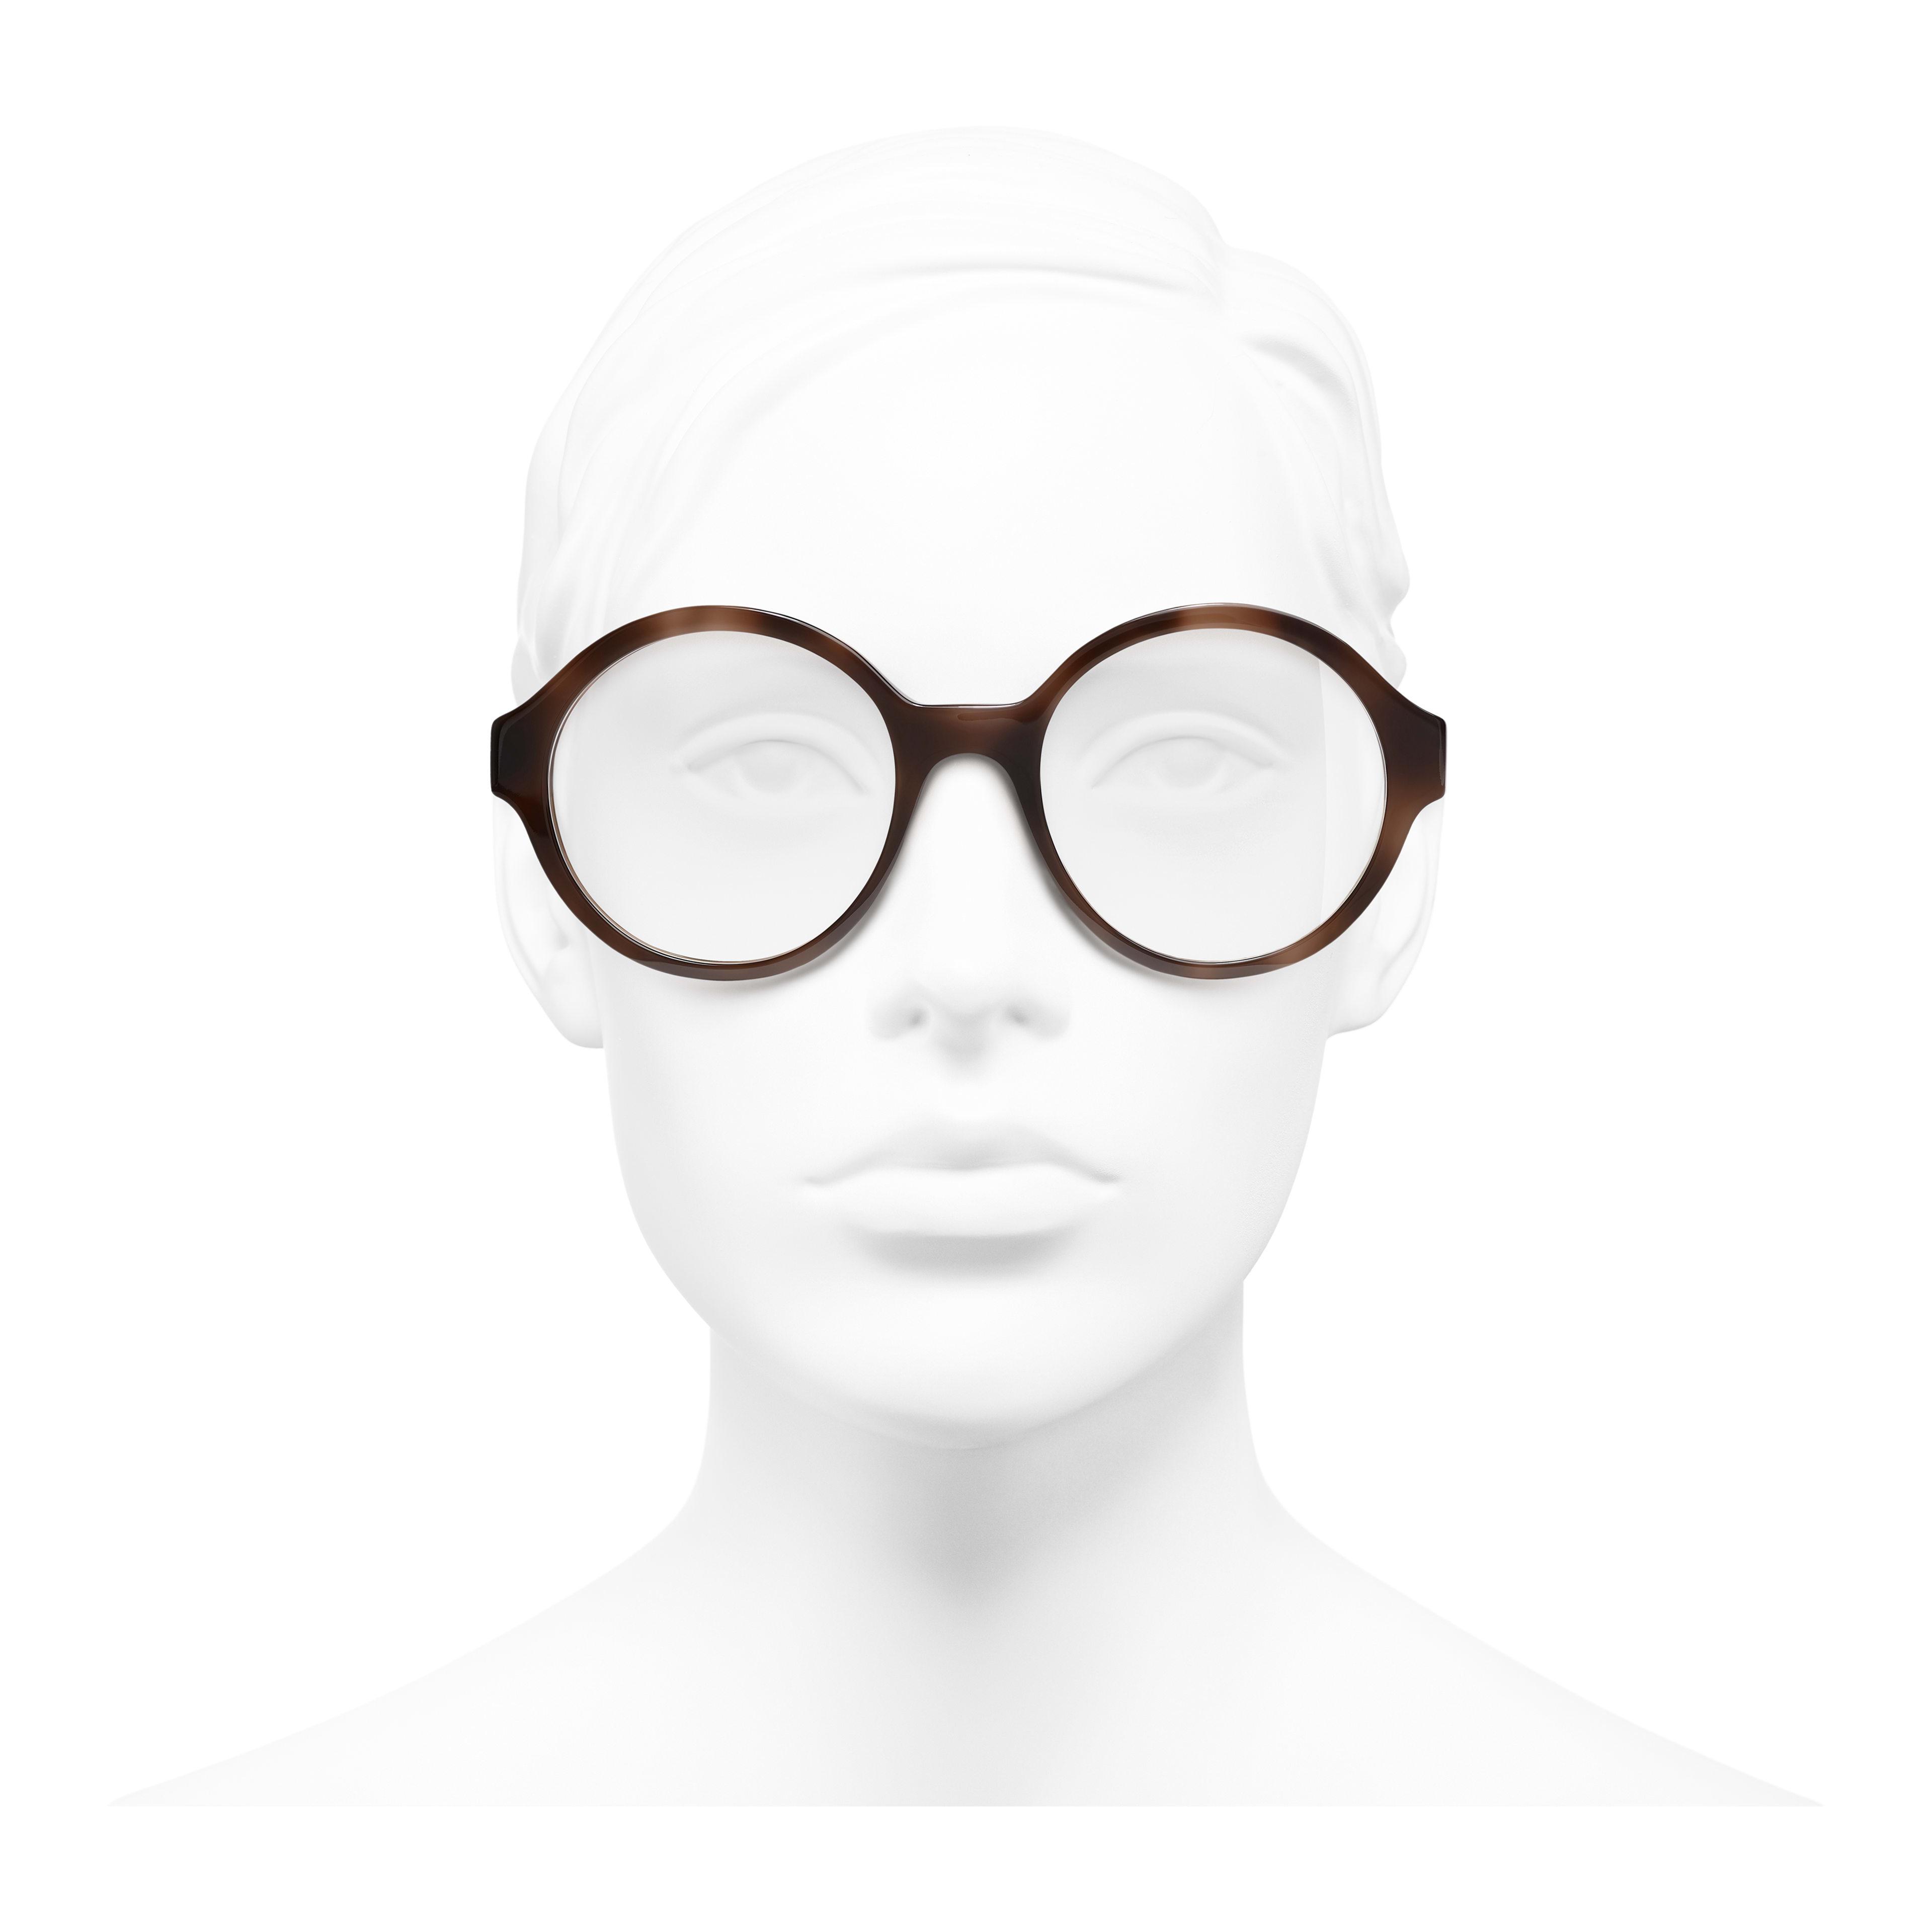 แว่นสายตาทรงกลม - สีน้ำตาล - อะซิเตท - มุมมองการสวมใส่ด้านหน้า - ดูเวอร์ชันขนาดเต็ม